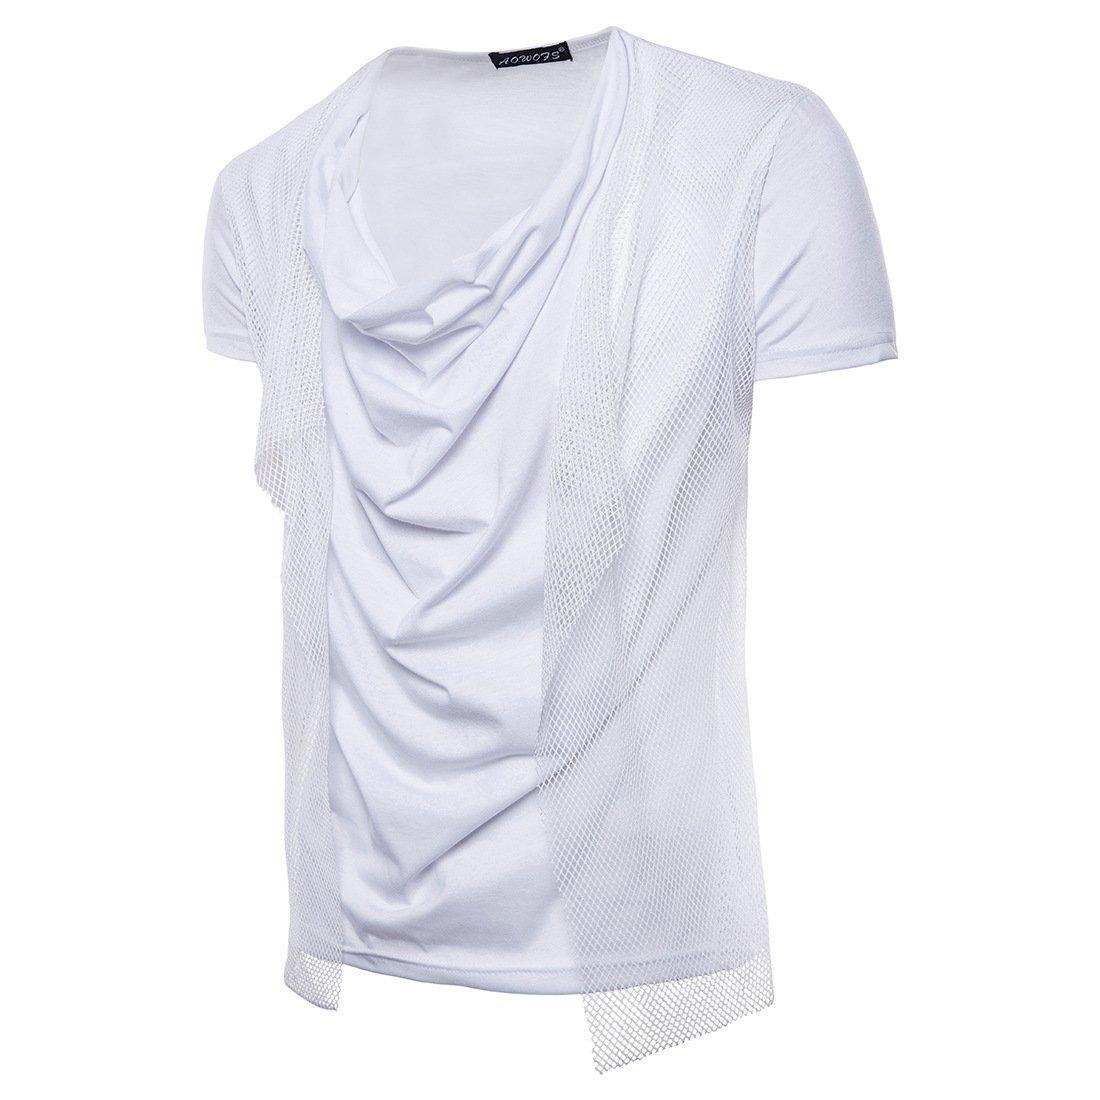 WHLTX Camisetas Para Collar De Montón De Mangas Cortas 2018 Jóvenes Fashion Hombres Casual De Malla WHLTX-ZZ